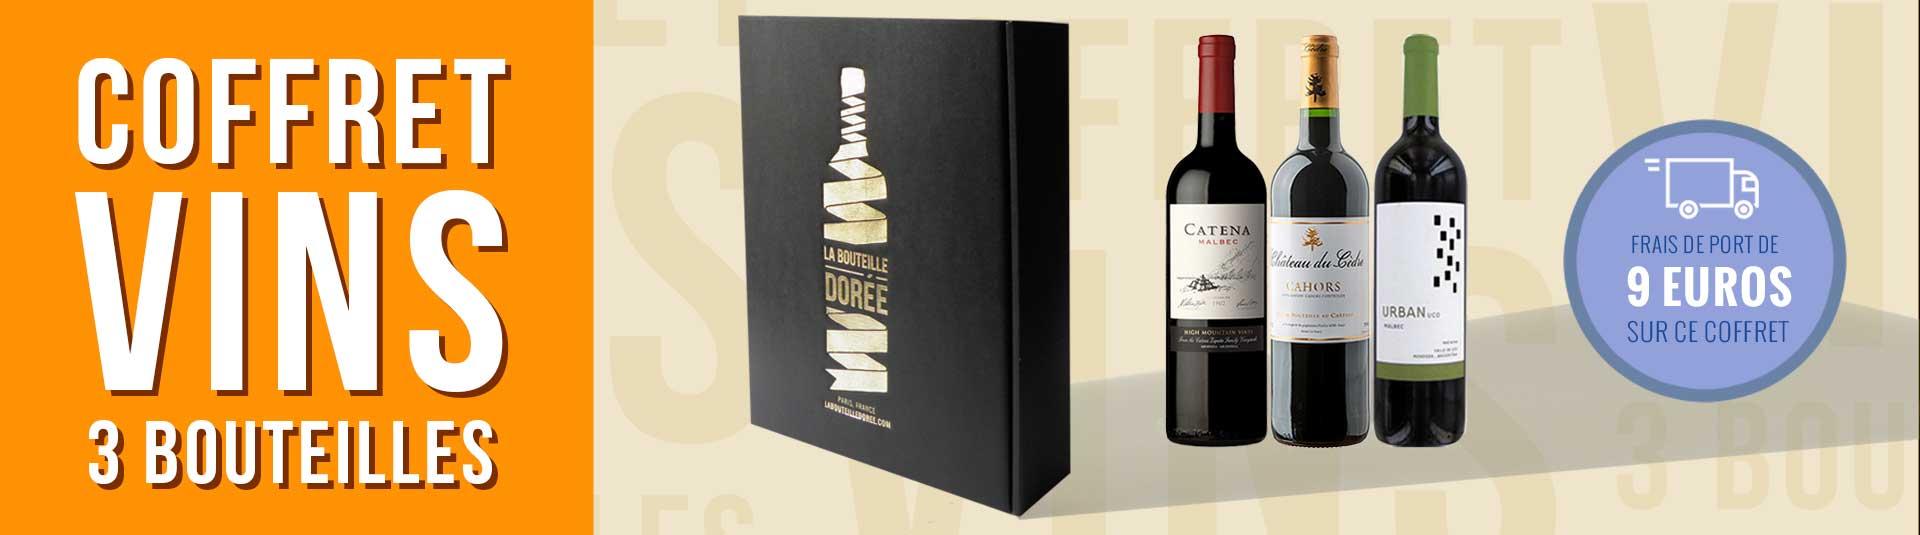 coffret vin 3 bouteilles cépage Malbec, Cahors et Argentine